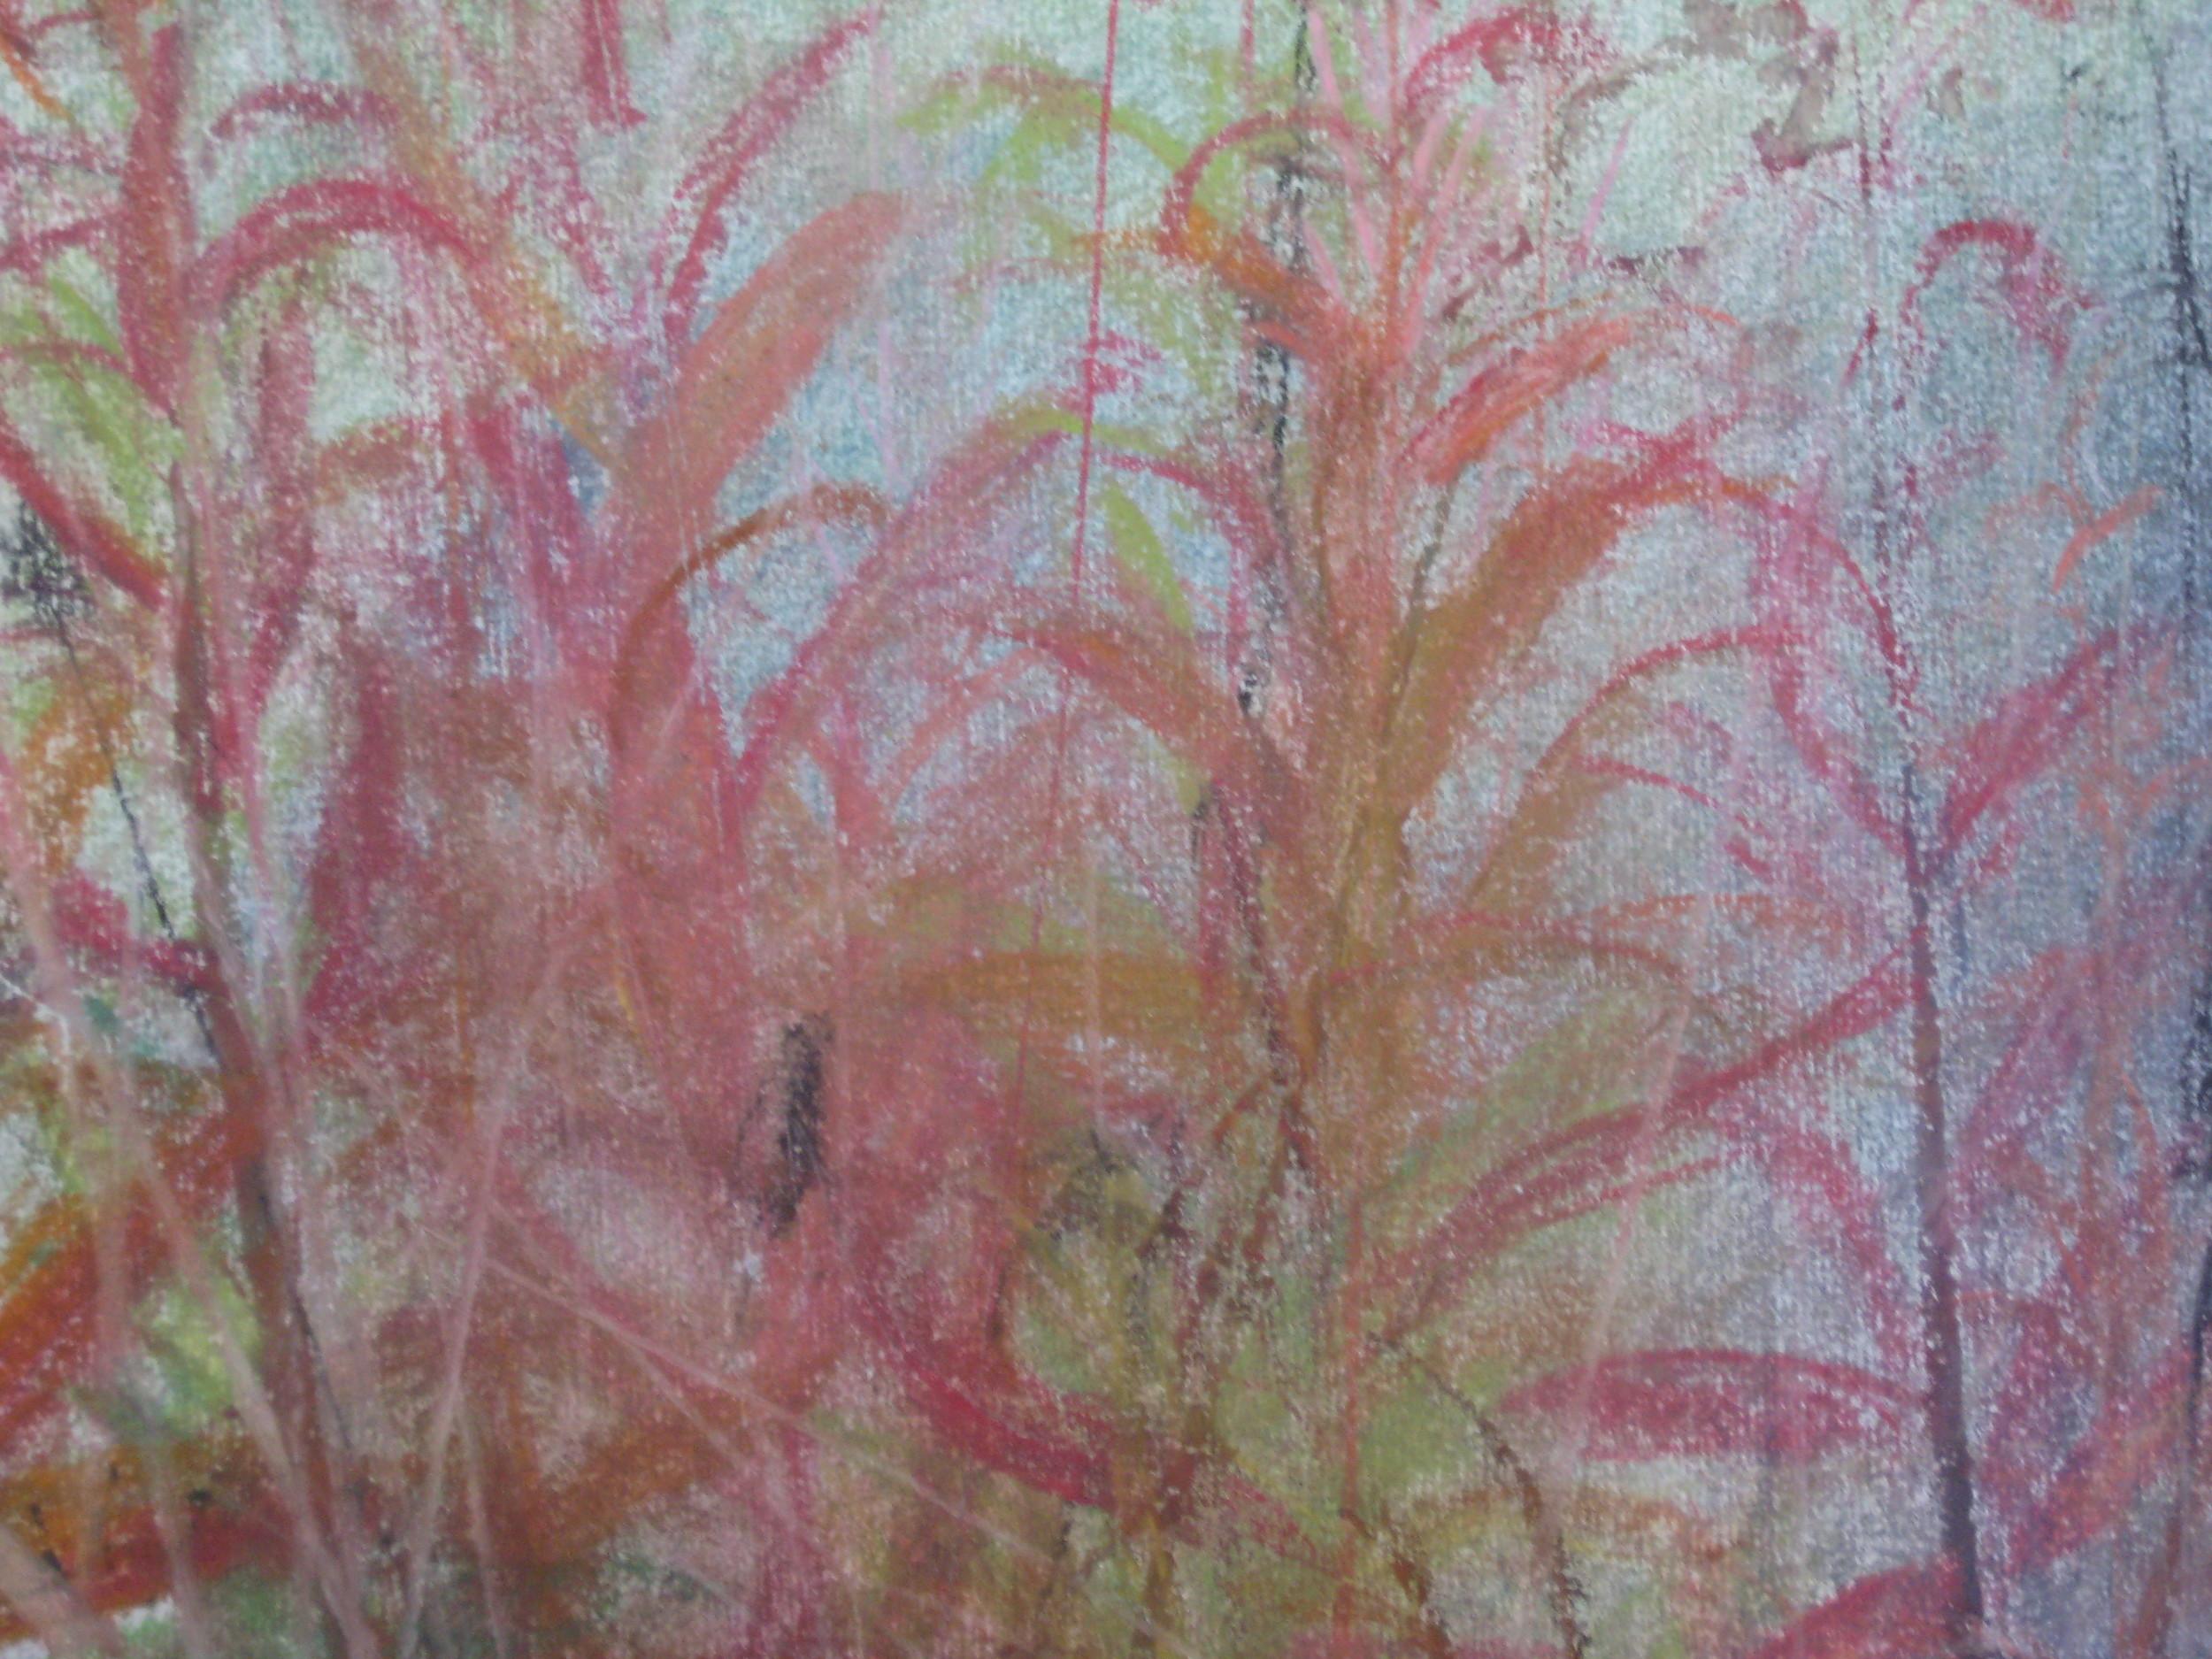 Rosebay willow herb II